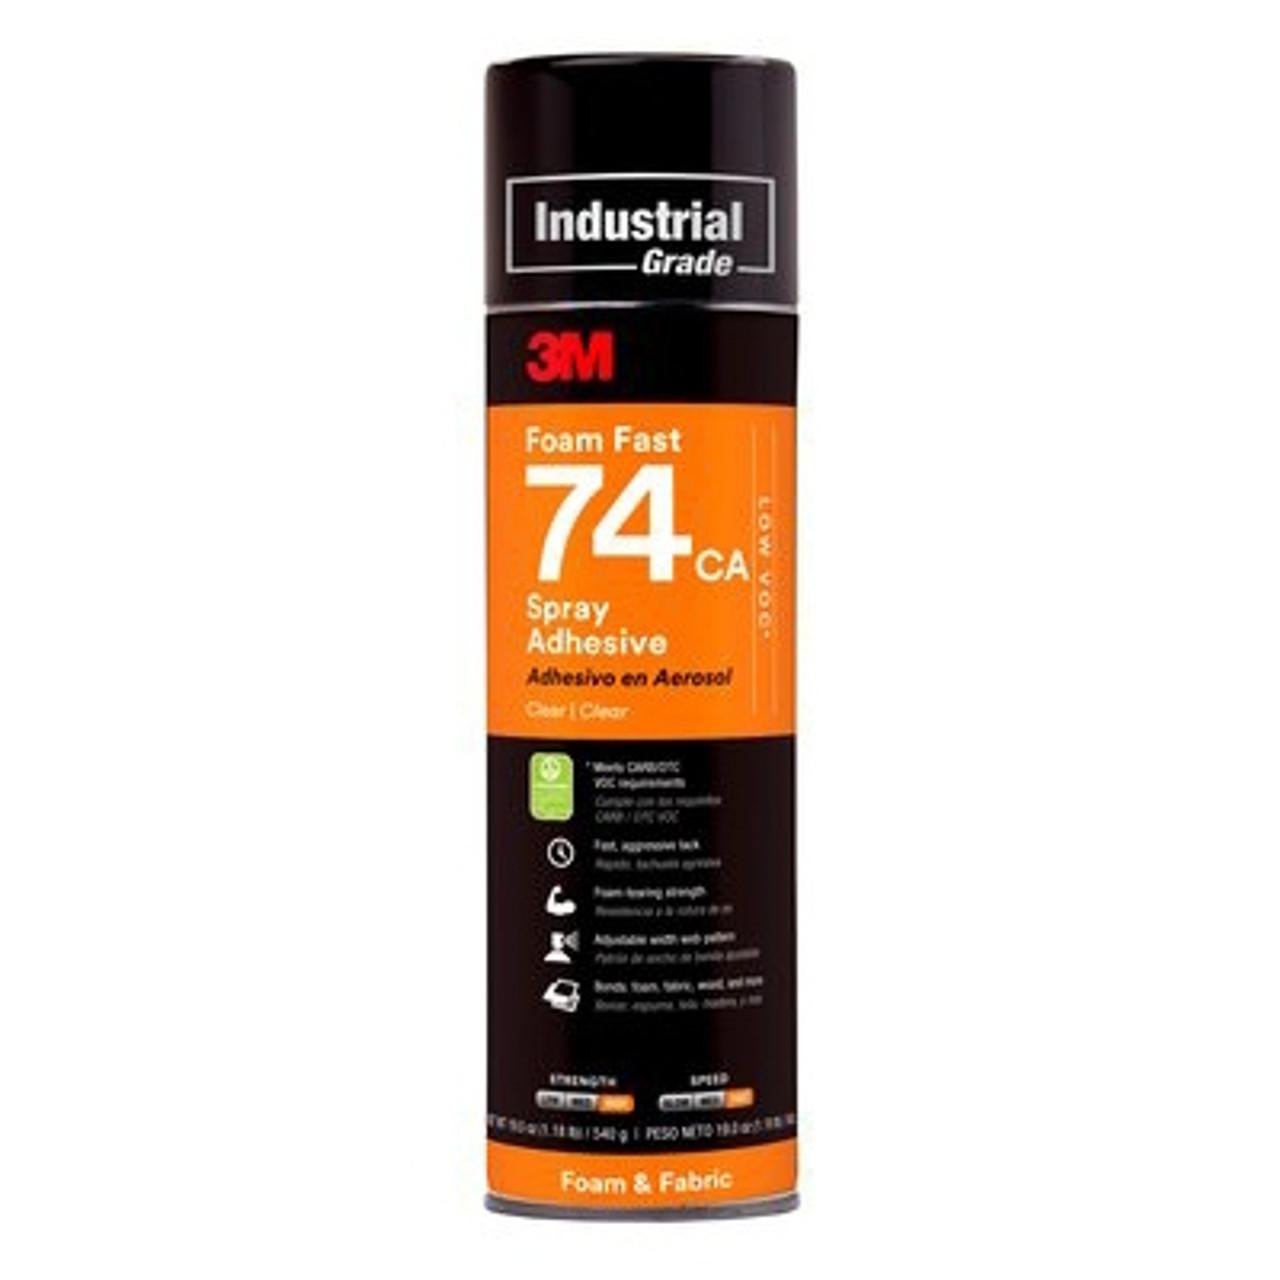 3M™ Foam Fast 74 Spray Adhesive 24 oz. can